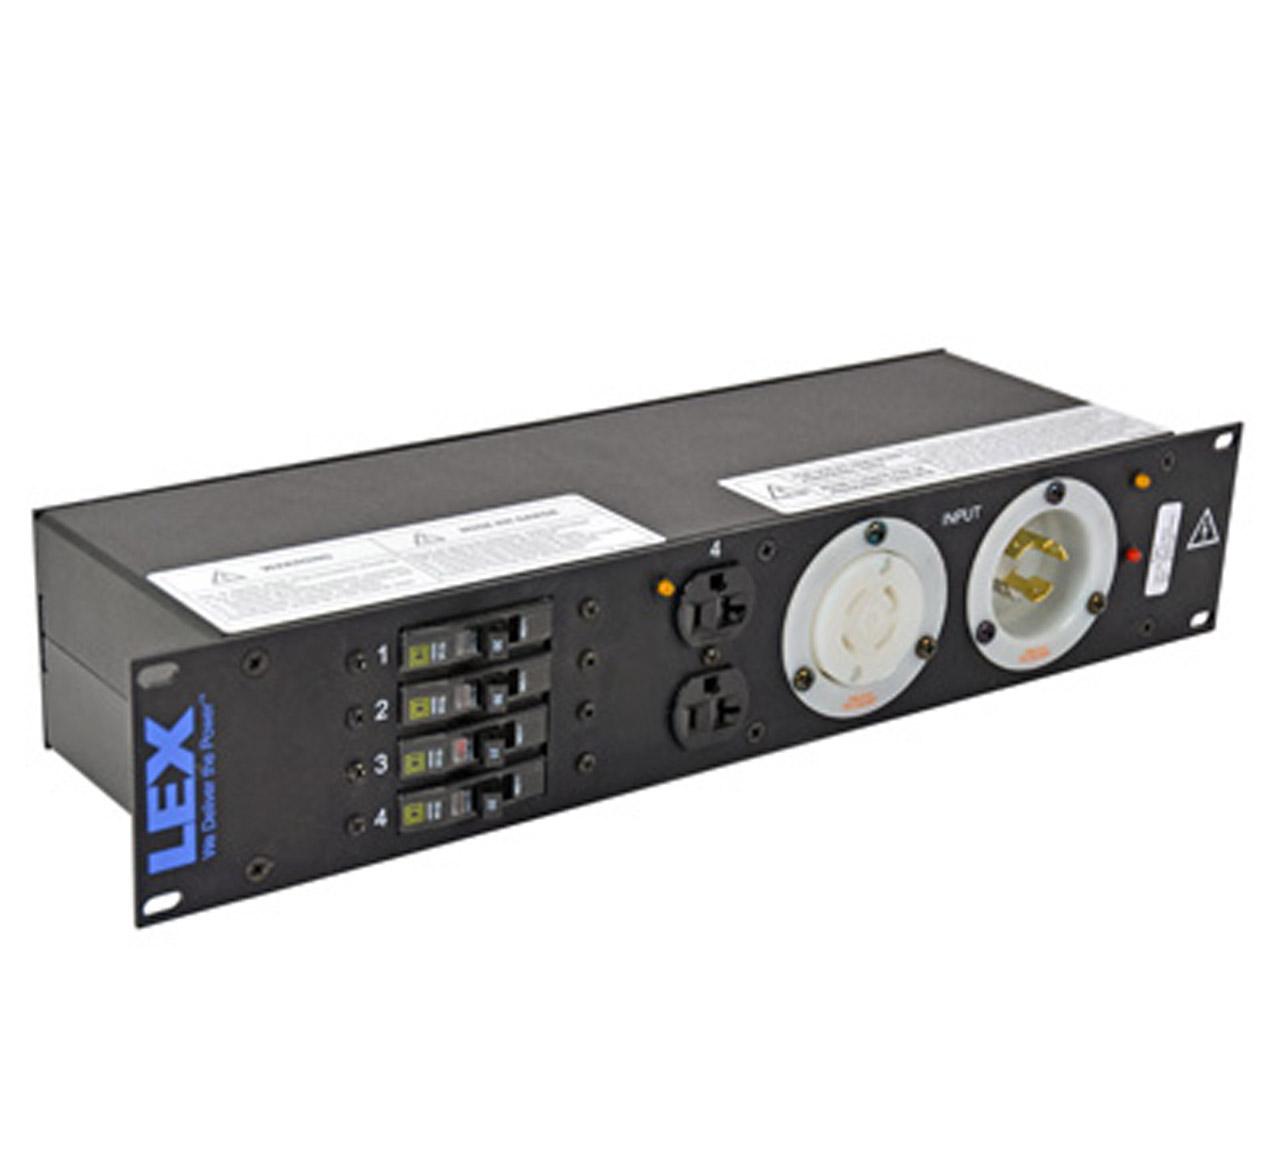 30 Amp 2RU Enclosed Rack, L14-30 to L5-30/Duplex Receptacles